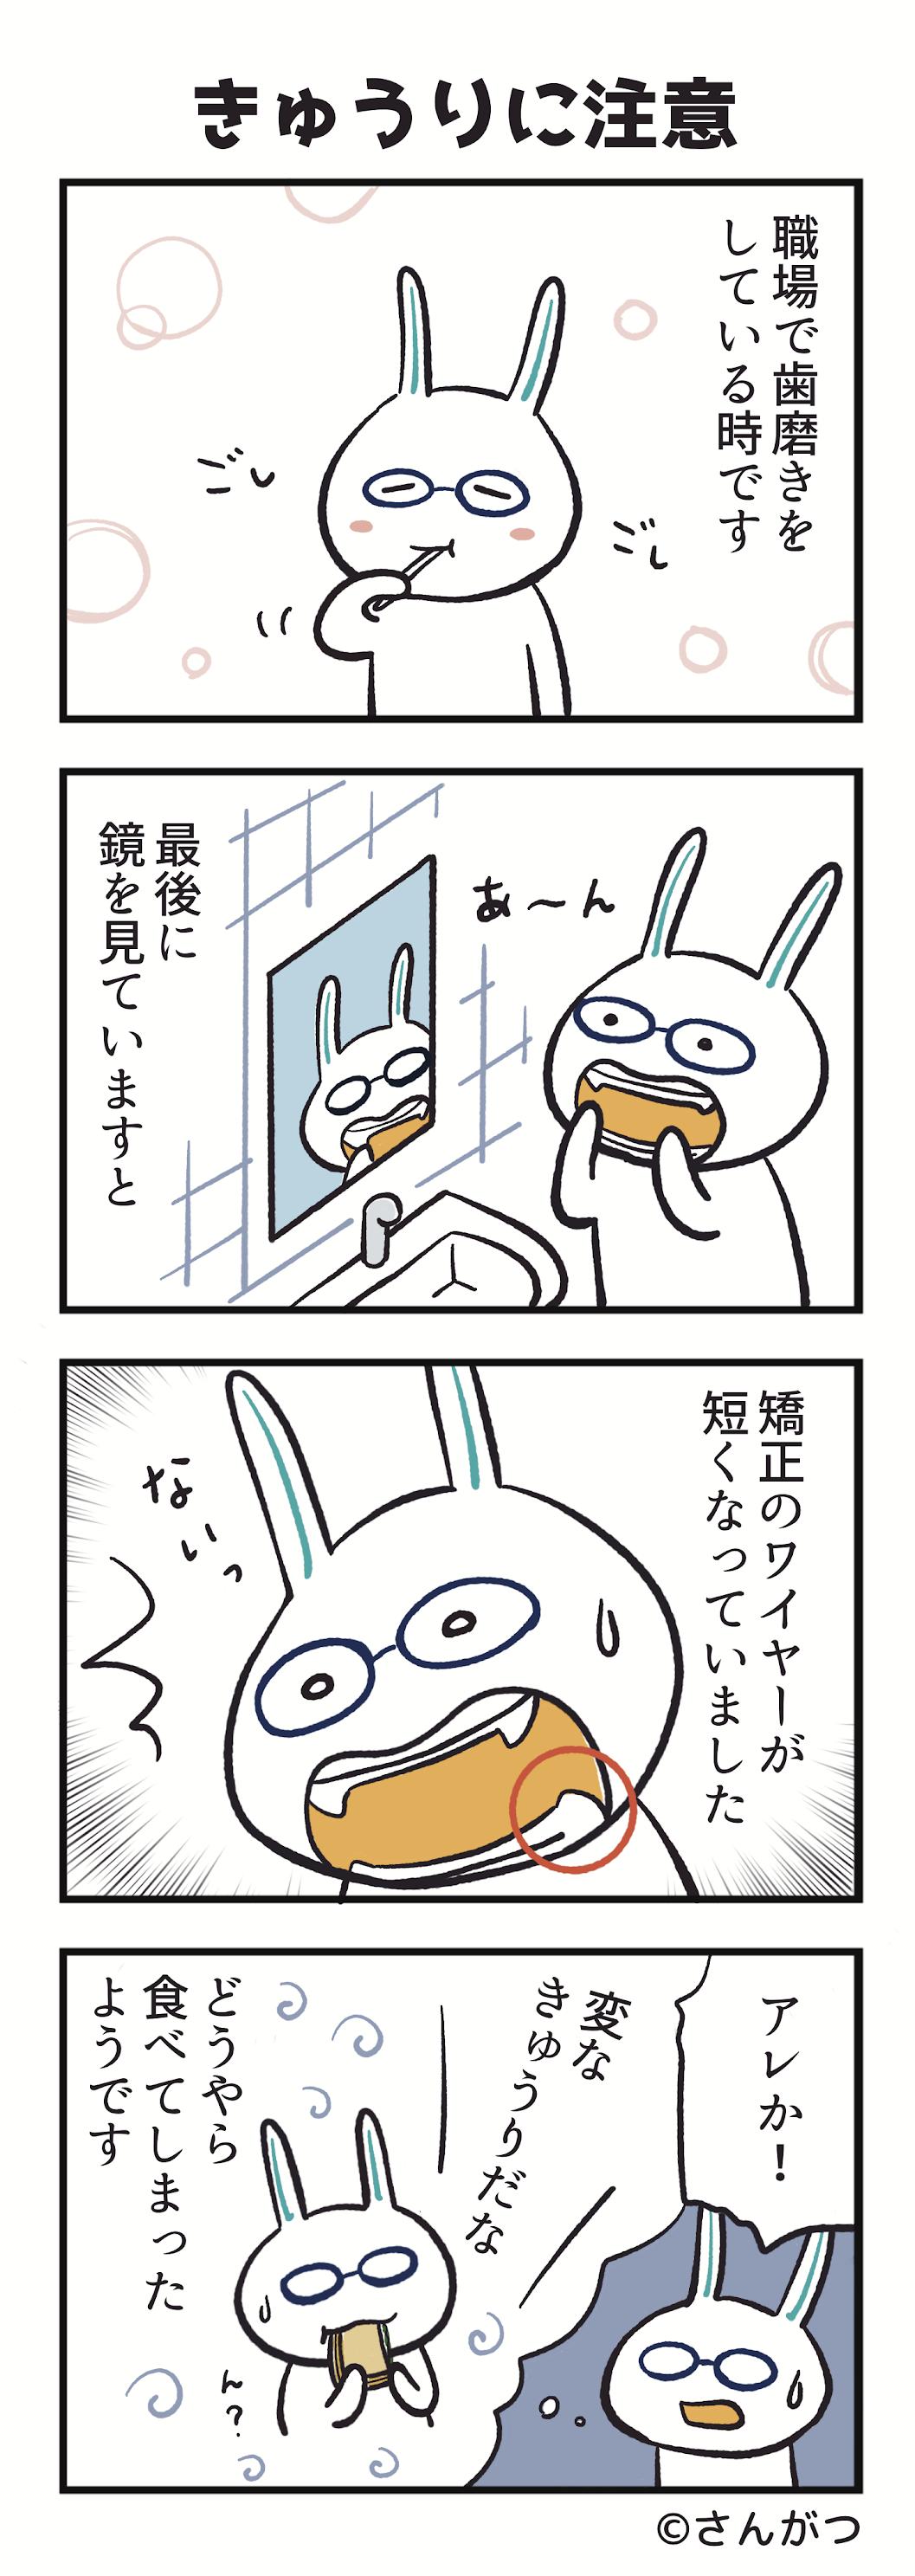 歯科矯正の漫画2「歯磨き編」